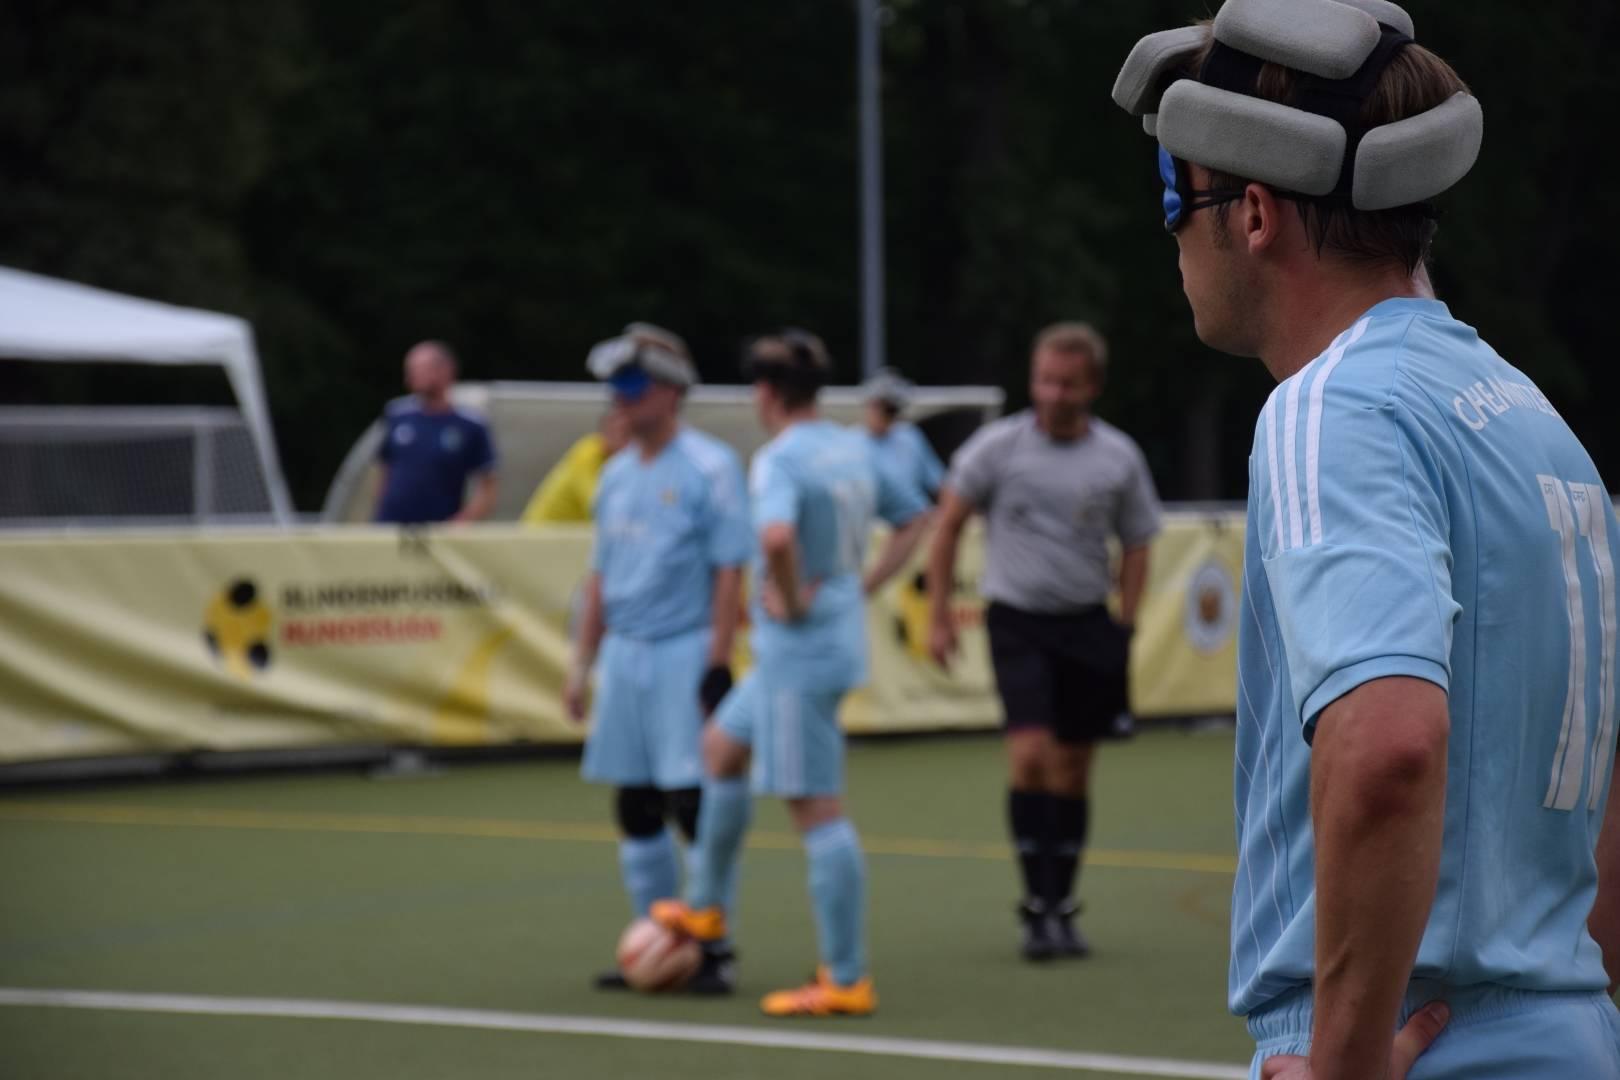 Freistoß Chemnitzer FC